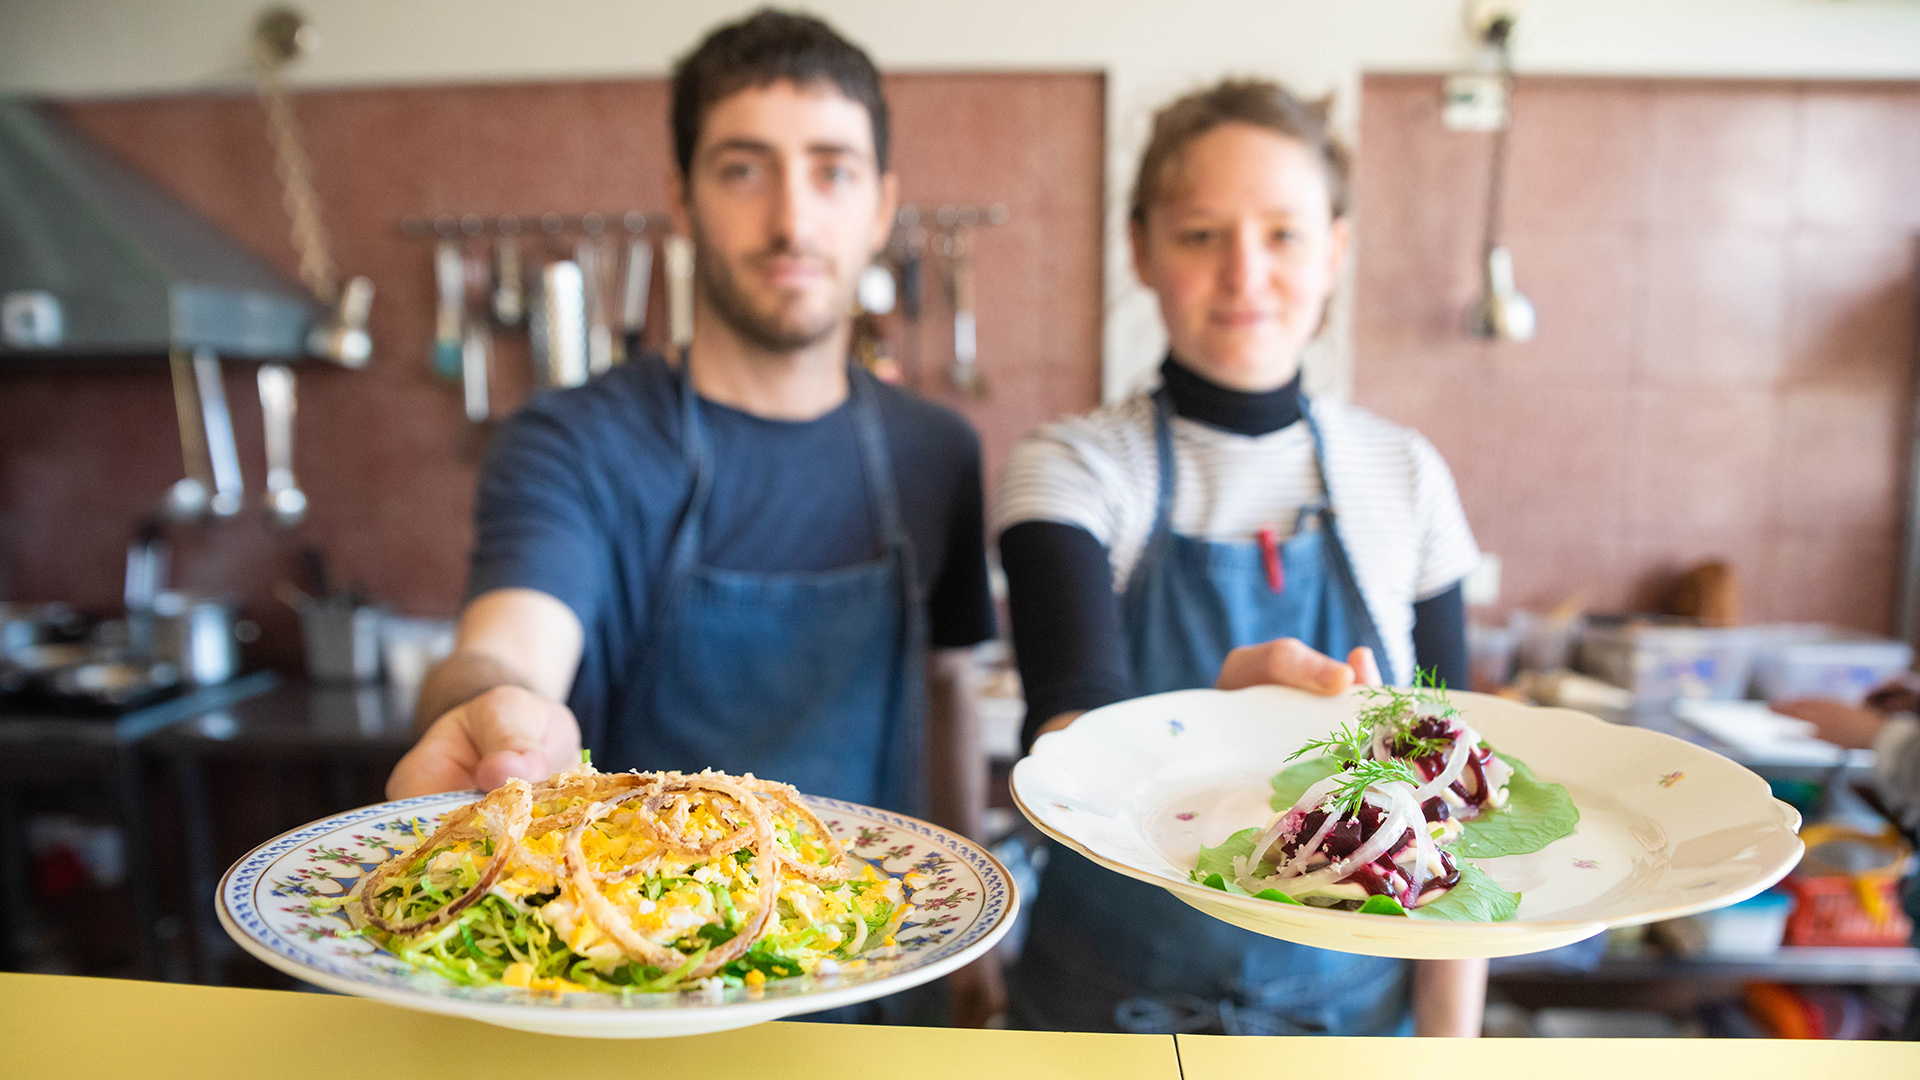 Sus fundadores son dos jóvenes gastronómicos compartieron la misma secundaria y se dedicaron a viajar por la cocina